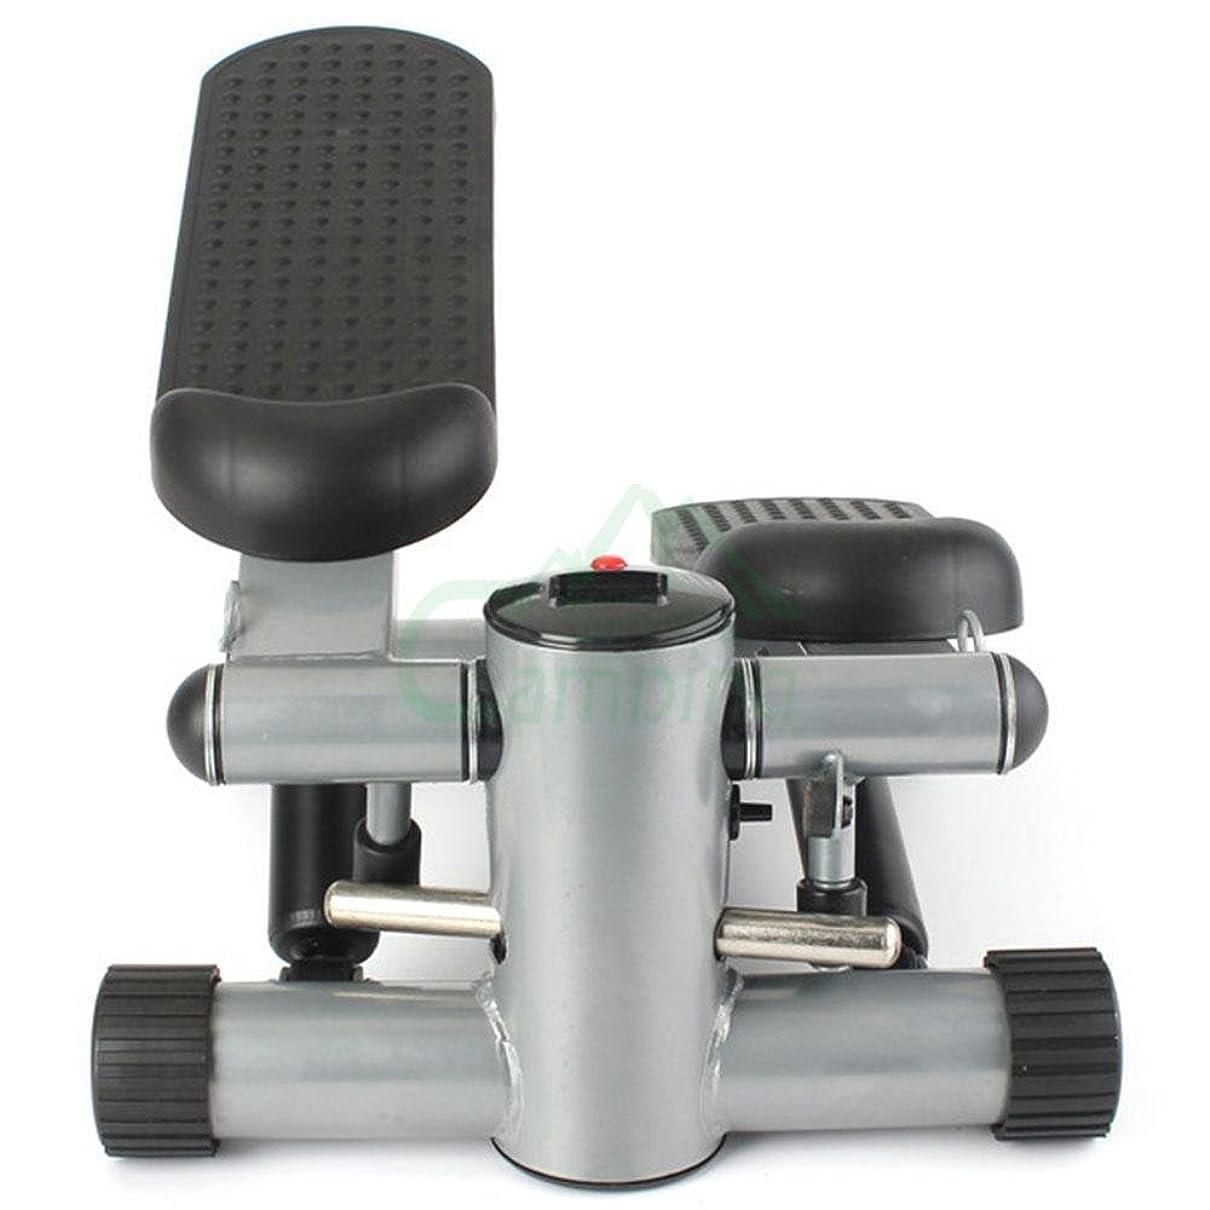 抑止する砂利スカートエアロビック フィットネス ステップ エア ステアクライマー ステッパー エクササイズマシン エクササイズ装置